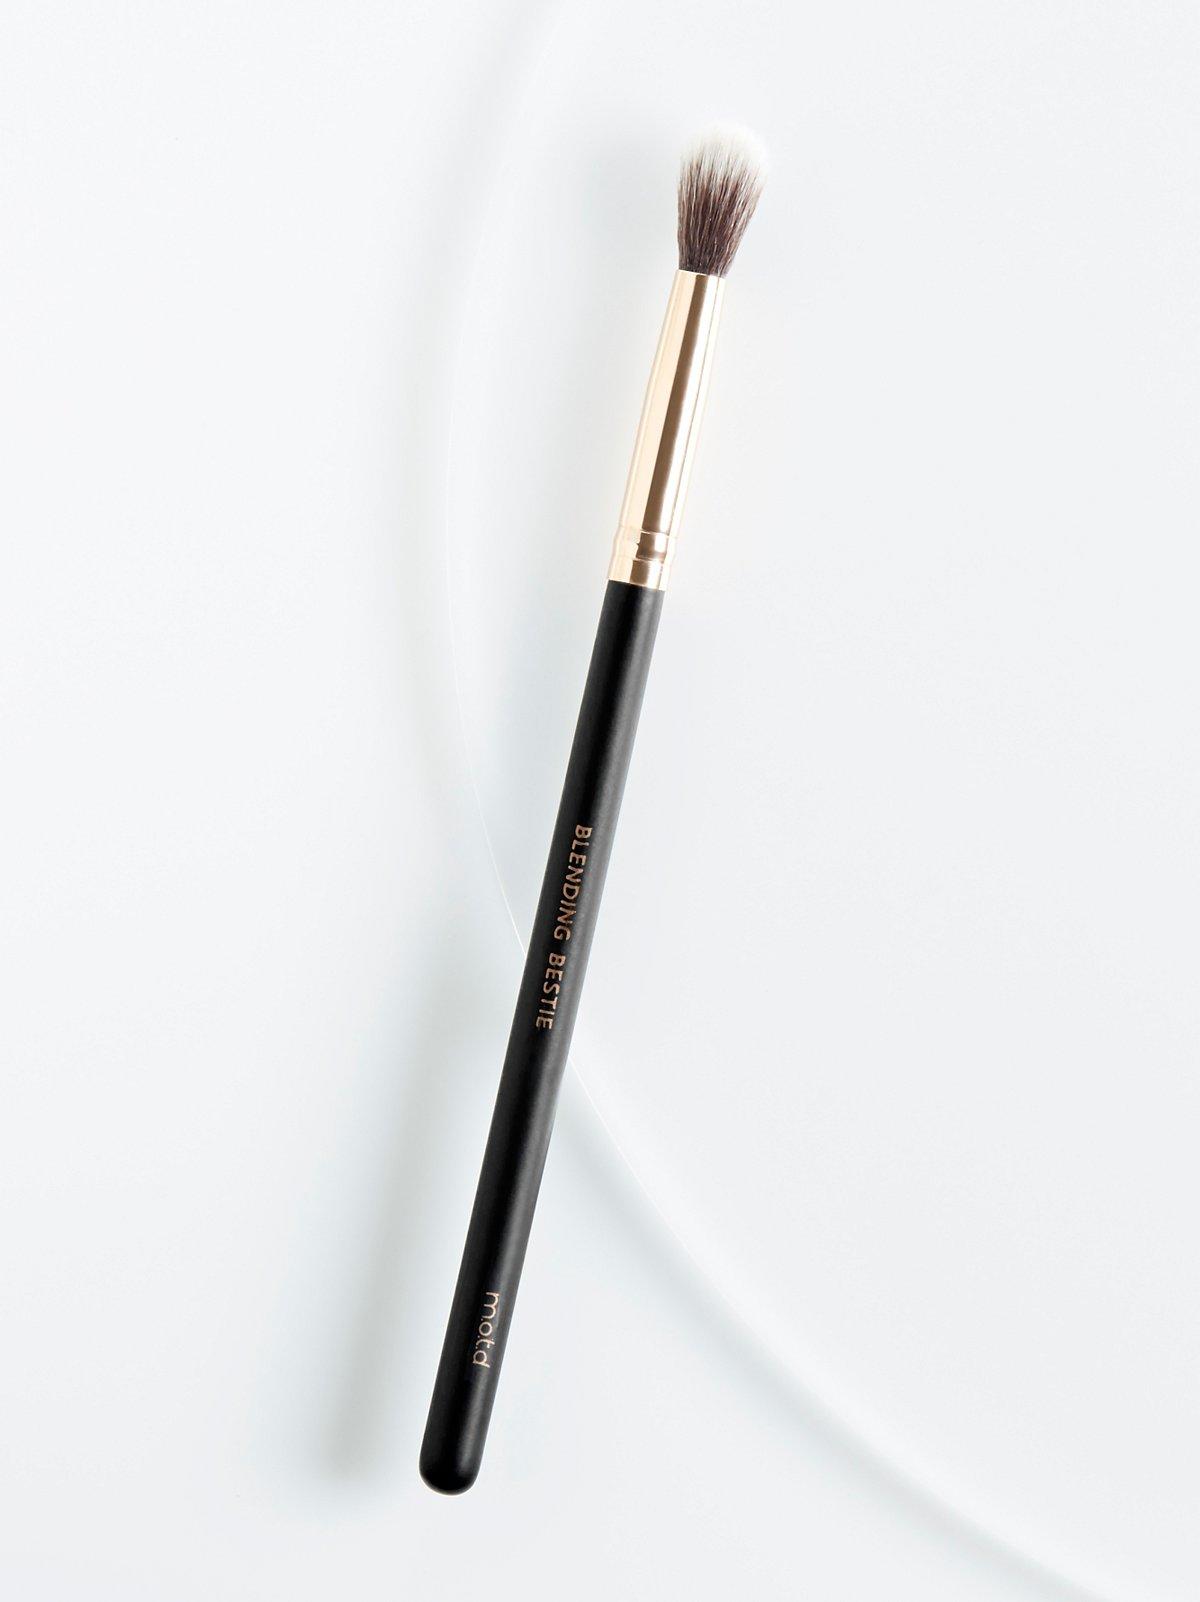 Blending Bestie Brush